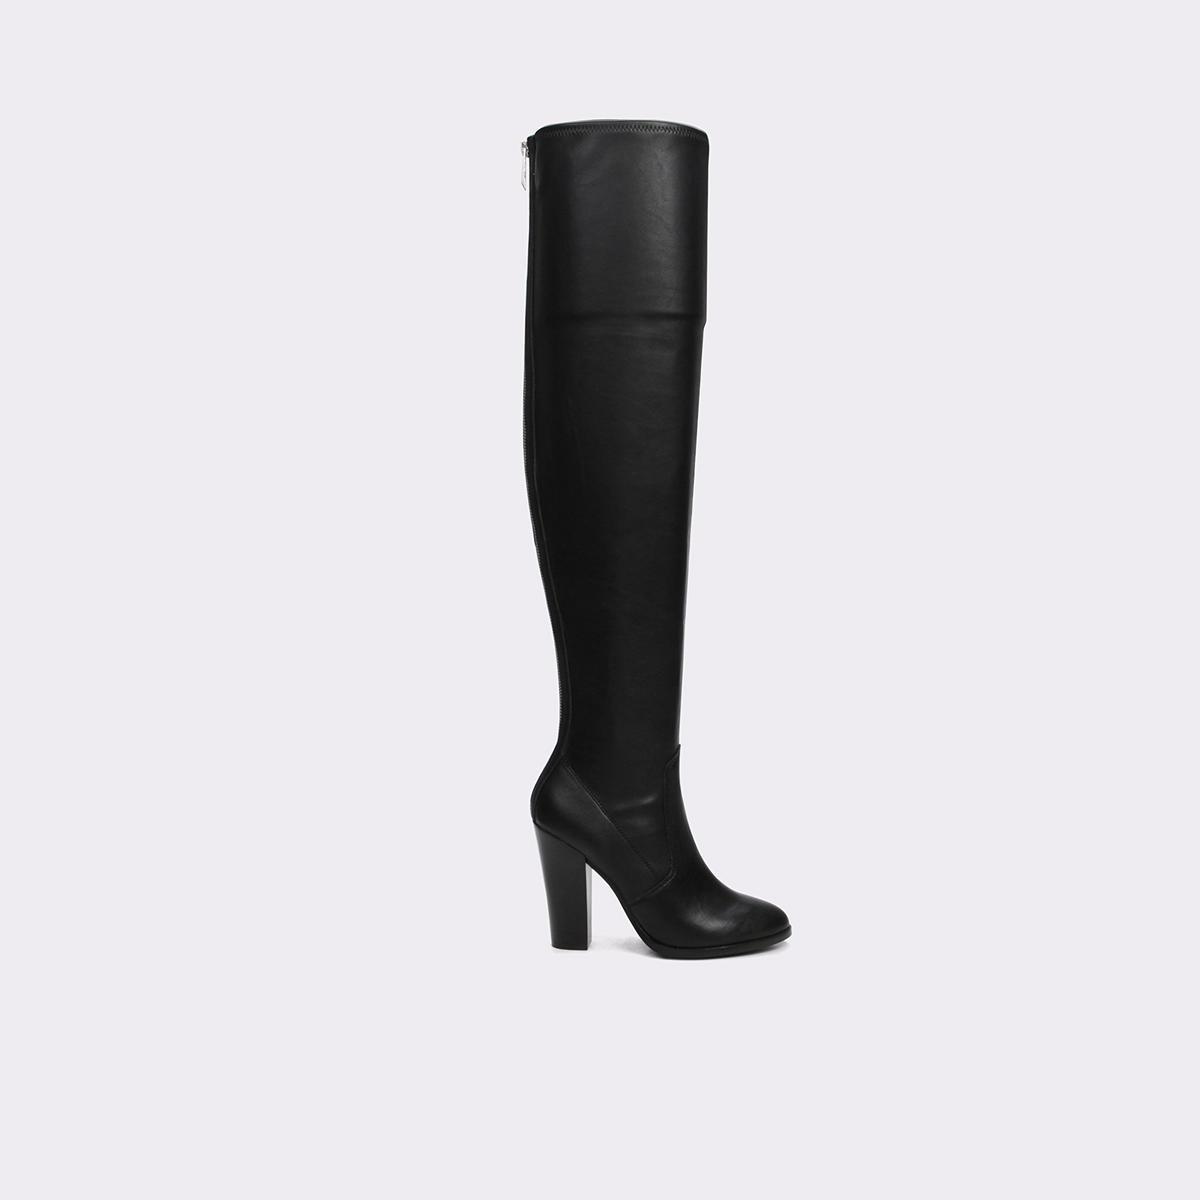 cornera black s boots aldo us